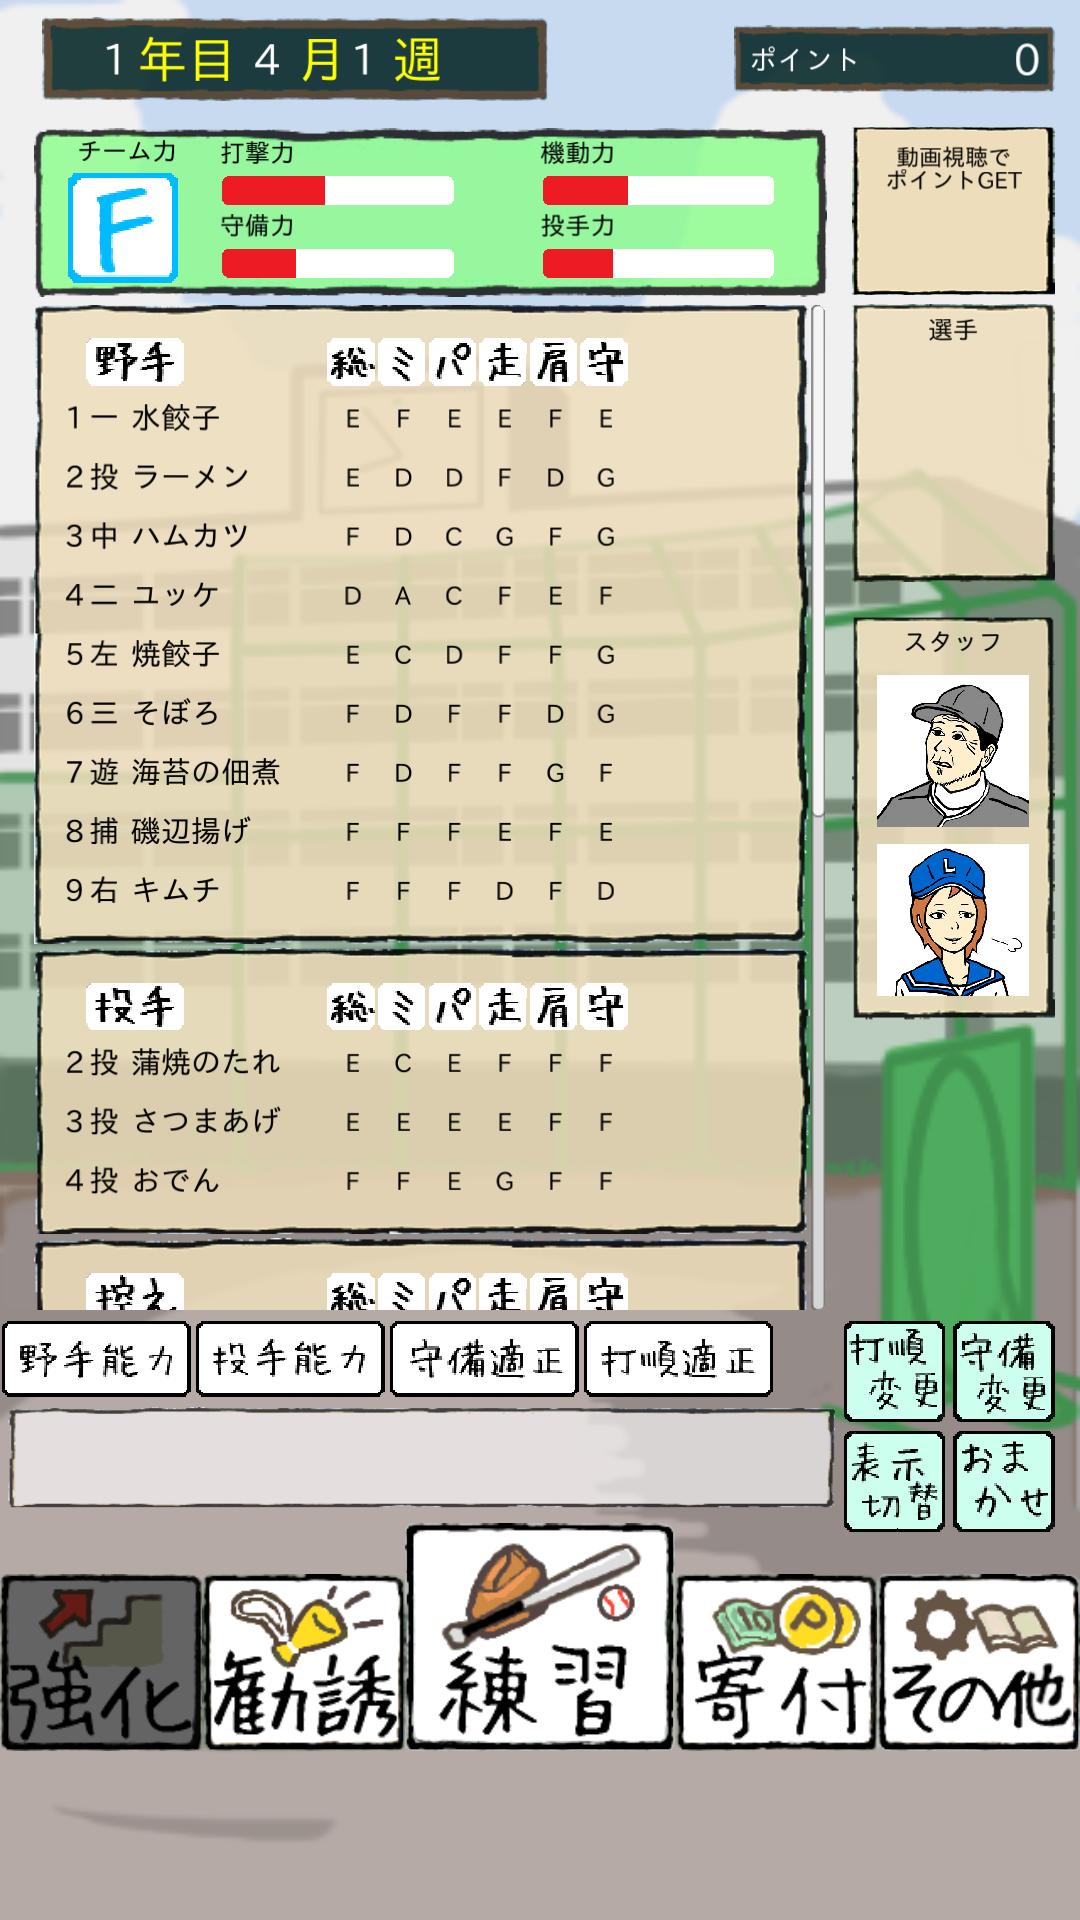 俺のナイン 一 最強のおかずで甲子園を目指せ androidアプリスクリーンショット1